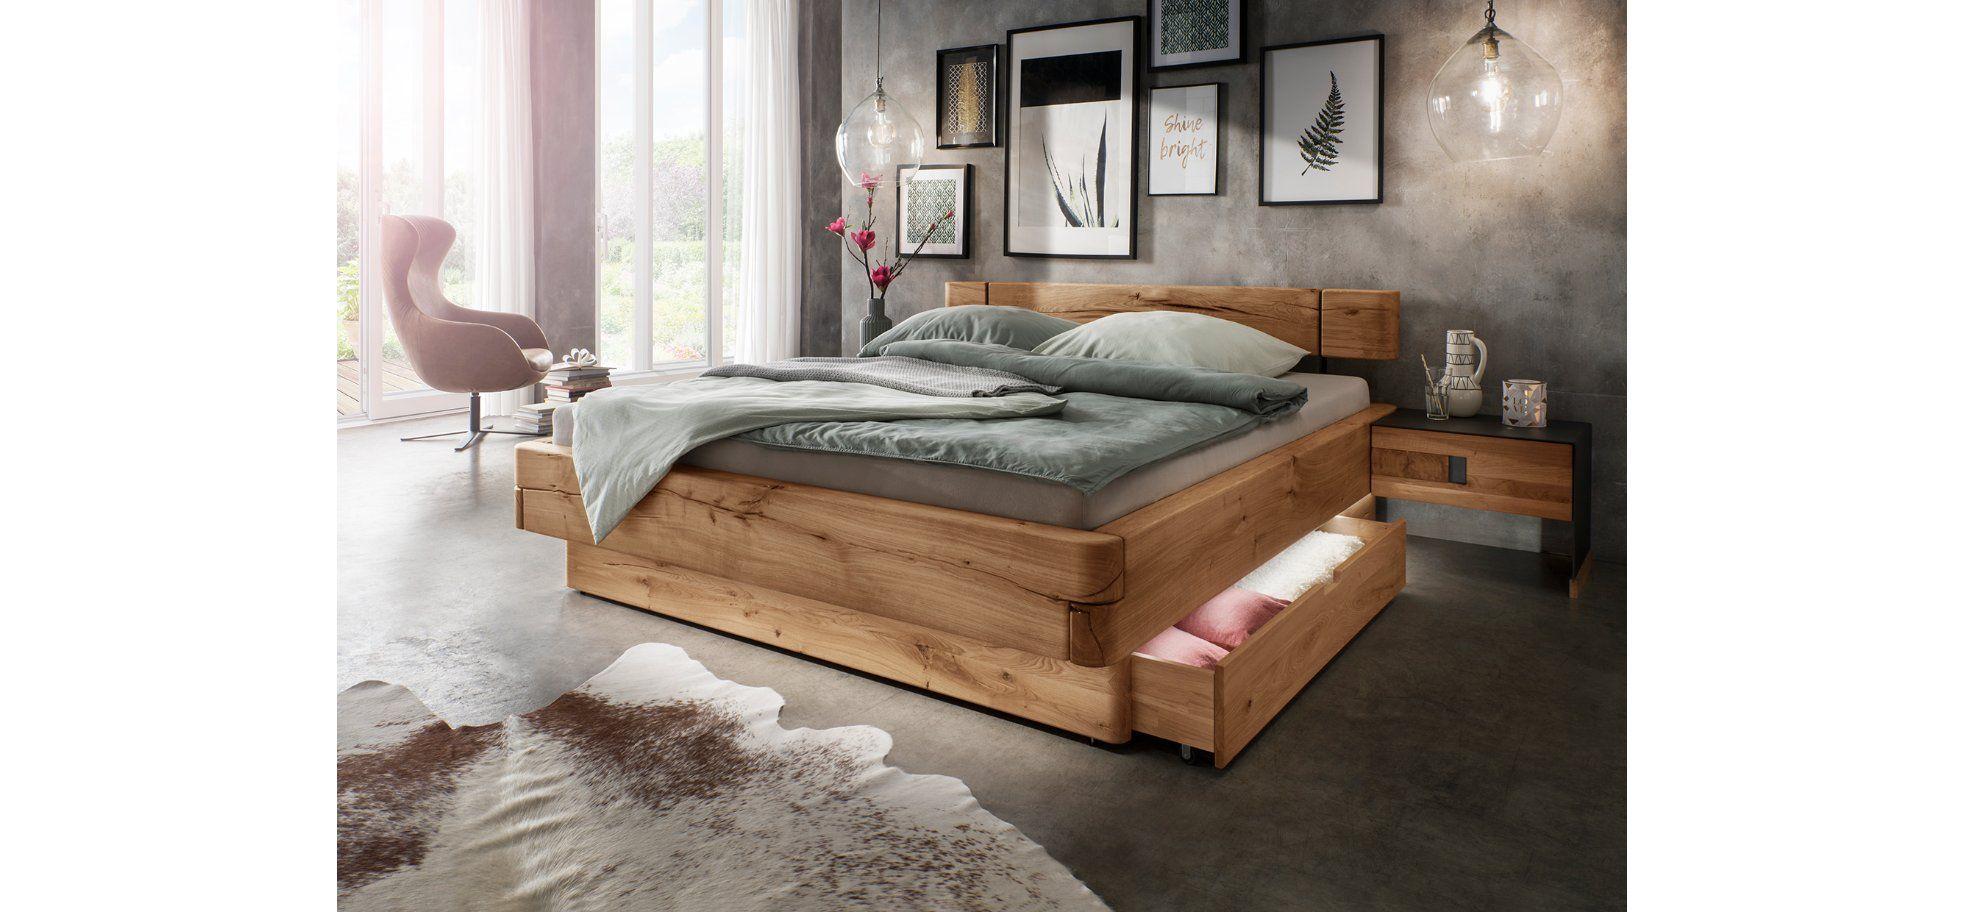 Nachttisch Natura Baltimore Massive Wildeiche Mit Metall Krause Home Company In 2020 Bett Massivholz Bett Mit Schubladen Bett Holz